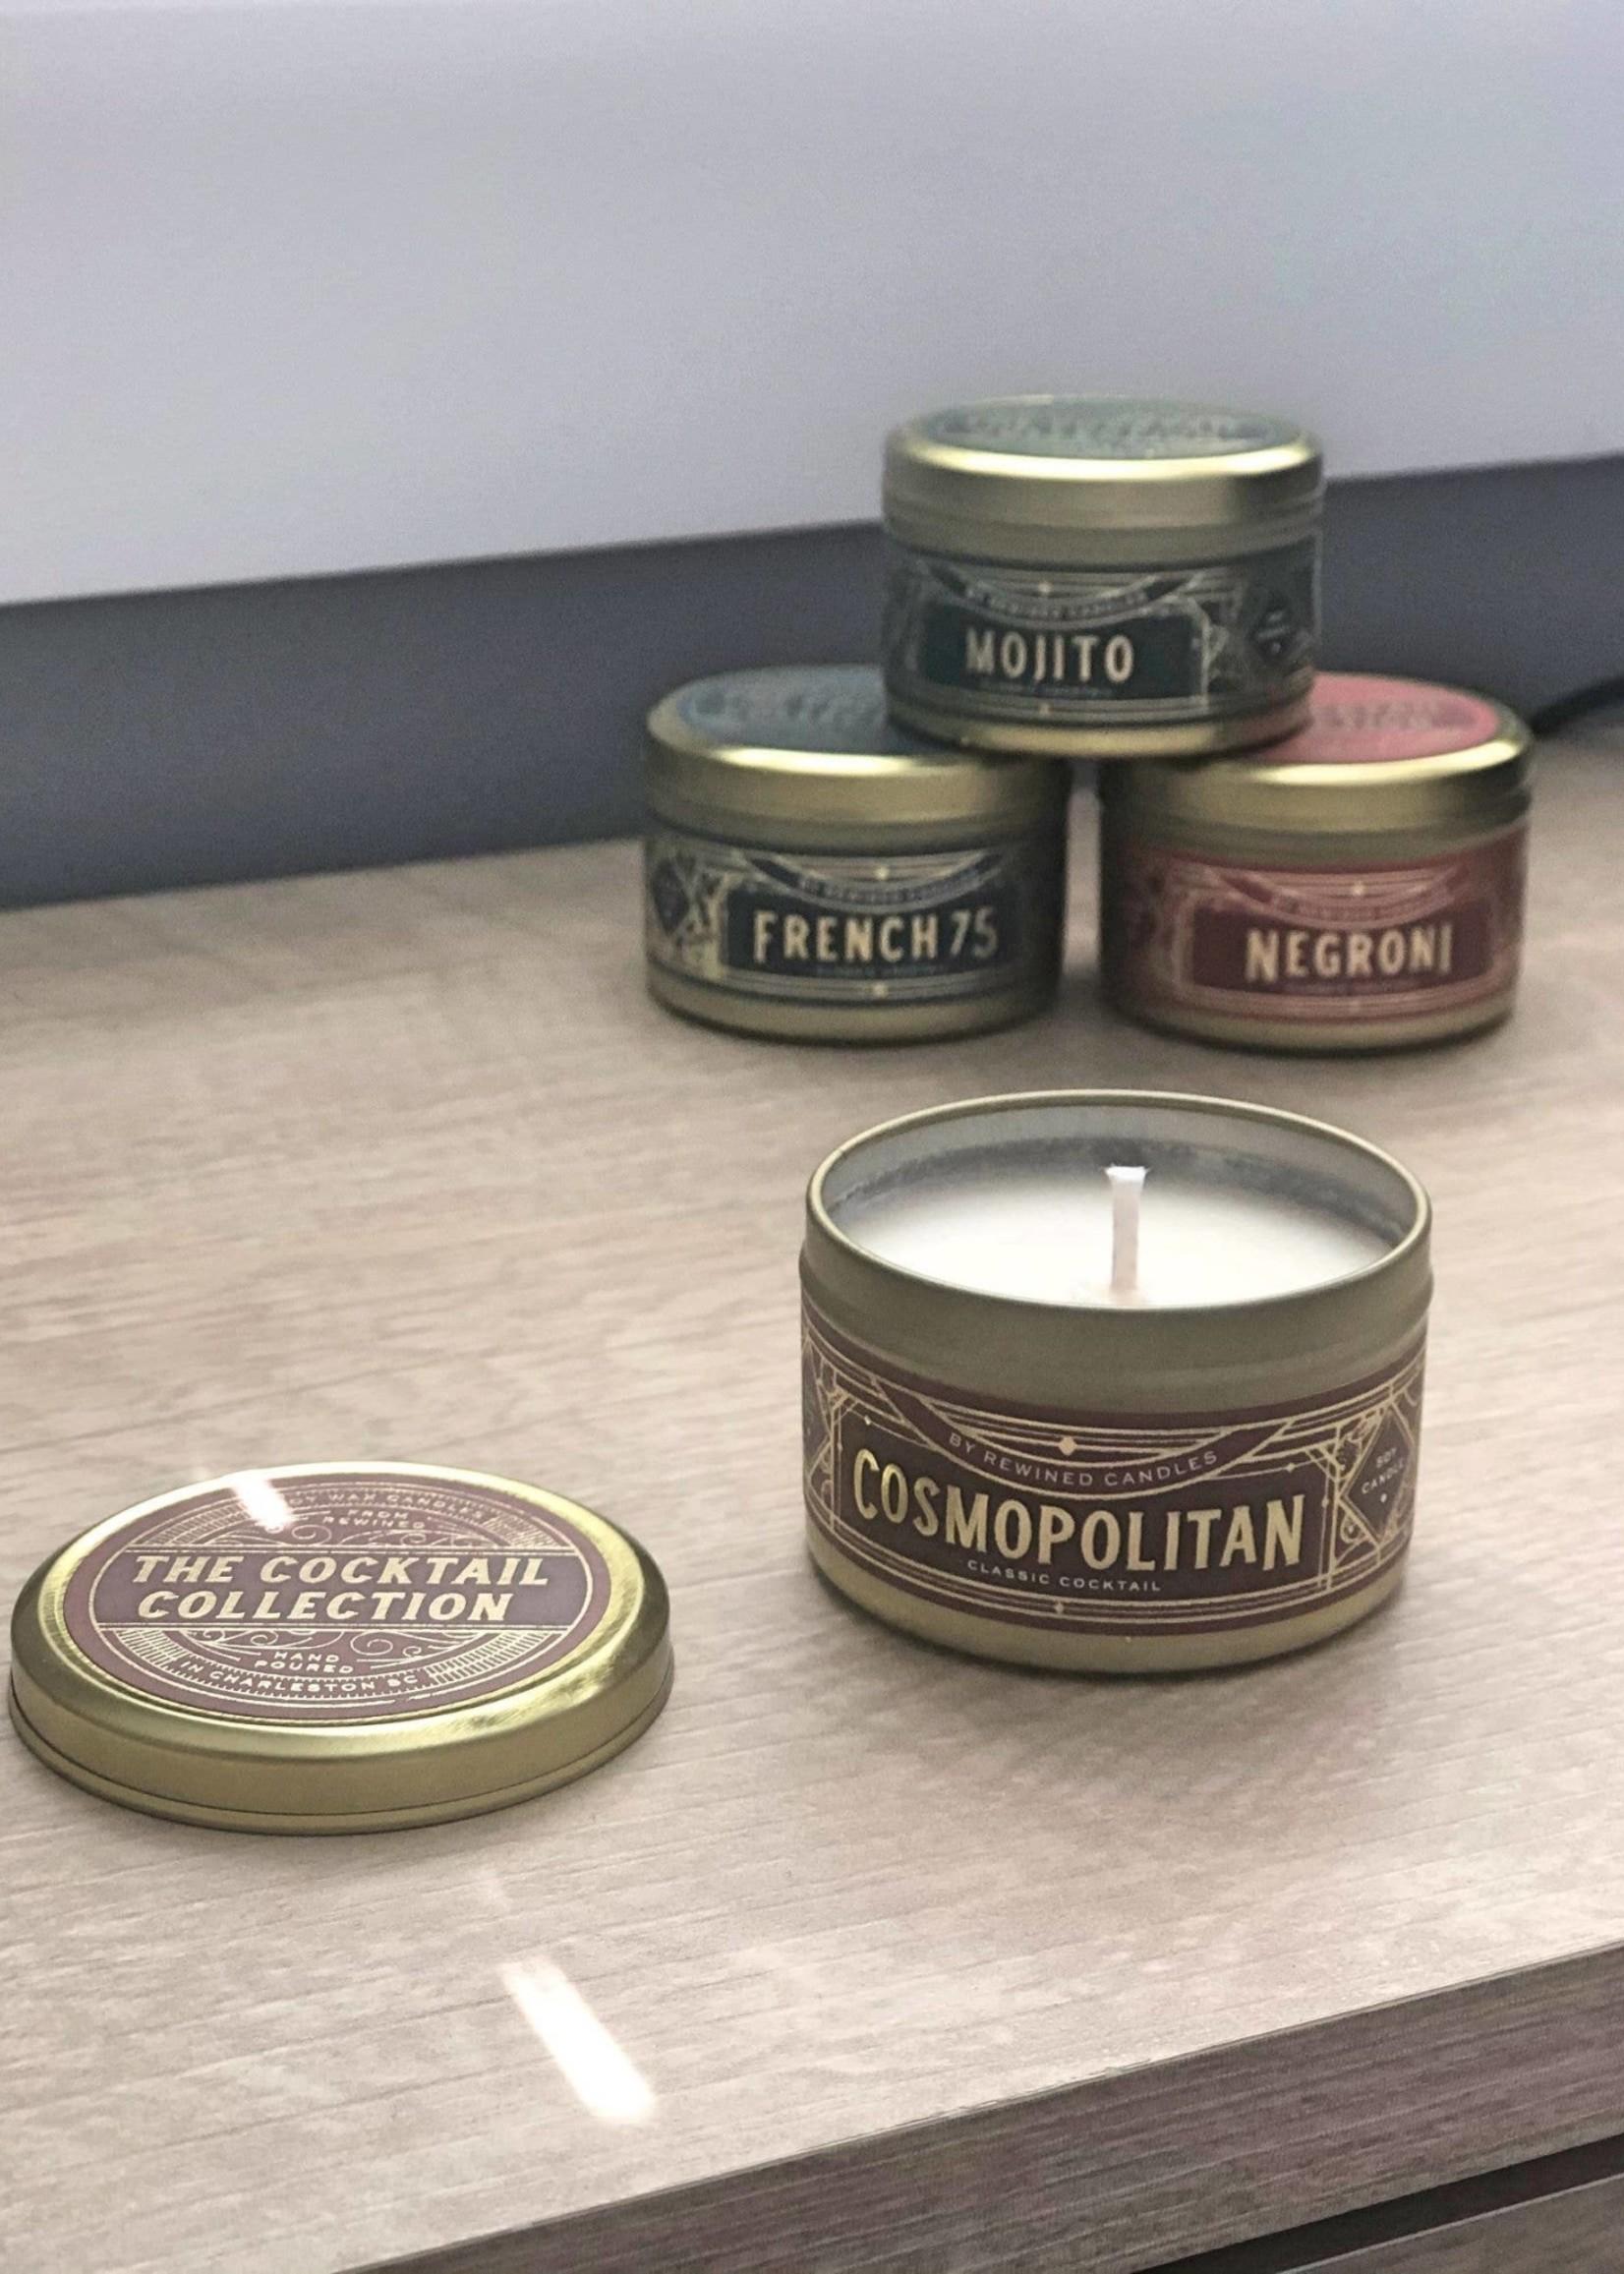 Rewined Cosmopolitan Travel Tin (2.5 oz)